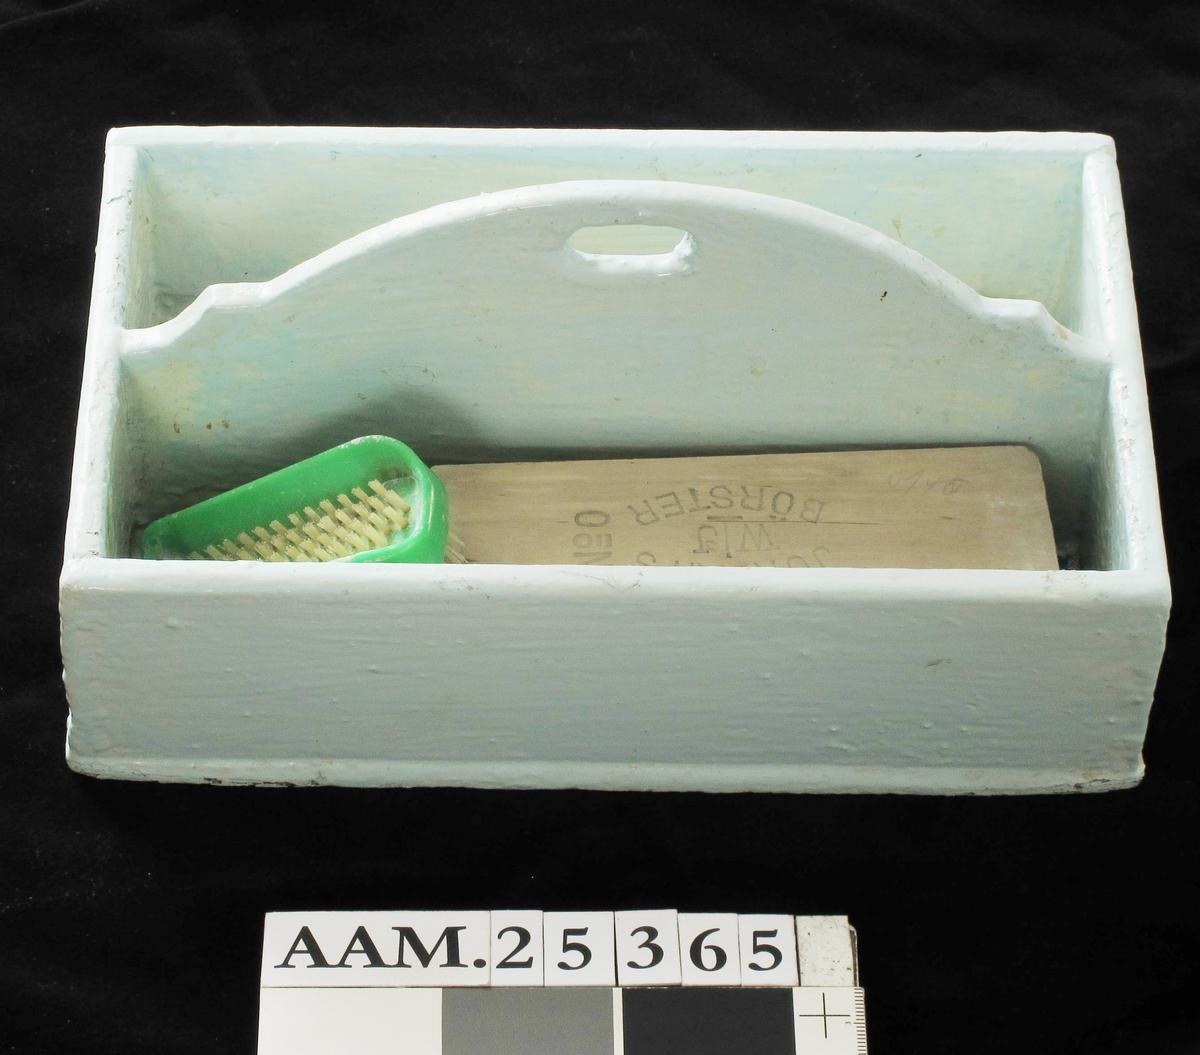 Knivkasse (bestikk kasse),  Opprinnelig lyst ekemalt, nå lyst blåmalt tre.  Rektangulær, lav kasse, delt langsetter i to smale rom ved midtplate med slakt buet overkant hvori liten håndtaksåpning. I hvert rom ligger blå og hvitrutet kjøkkenpapir i bu Knivkasse var vanlig sløydoppgave for gutter i folkeskolen. Kassen bruktes til oppbevaring av stålbestikk m. sort skaft